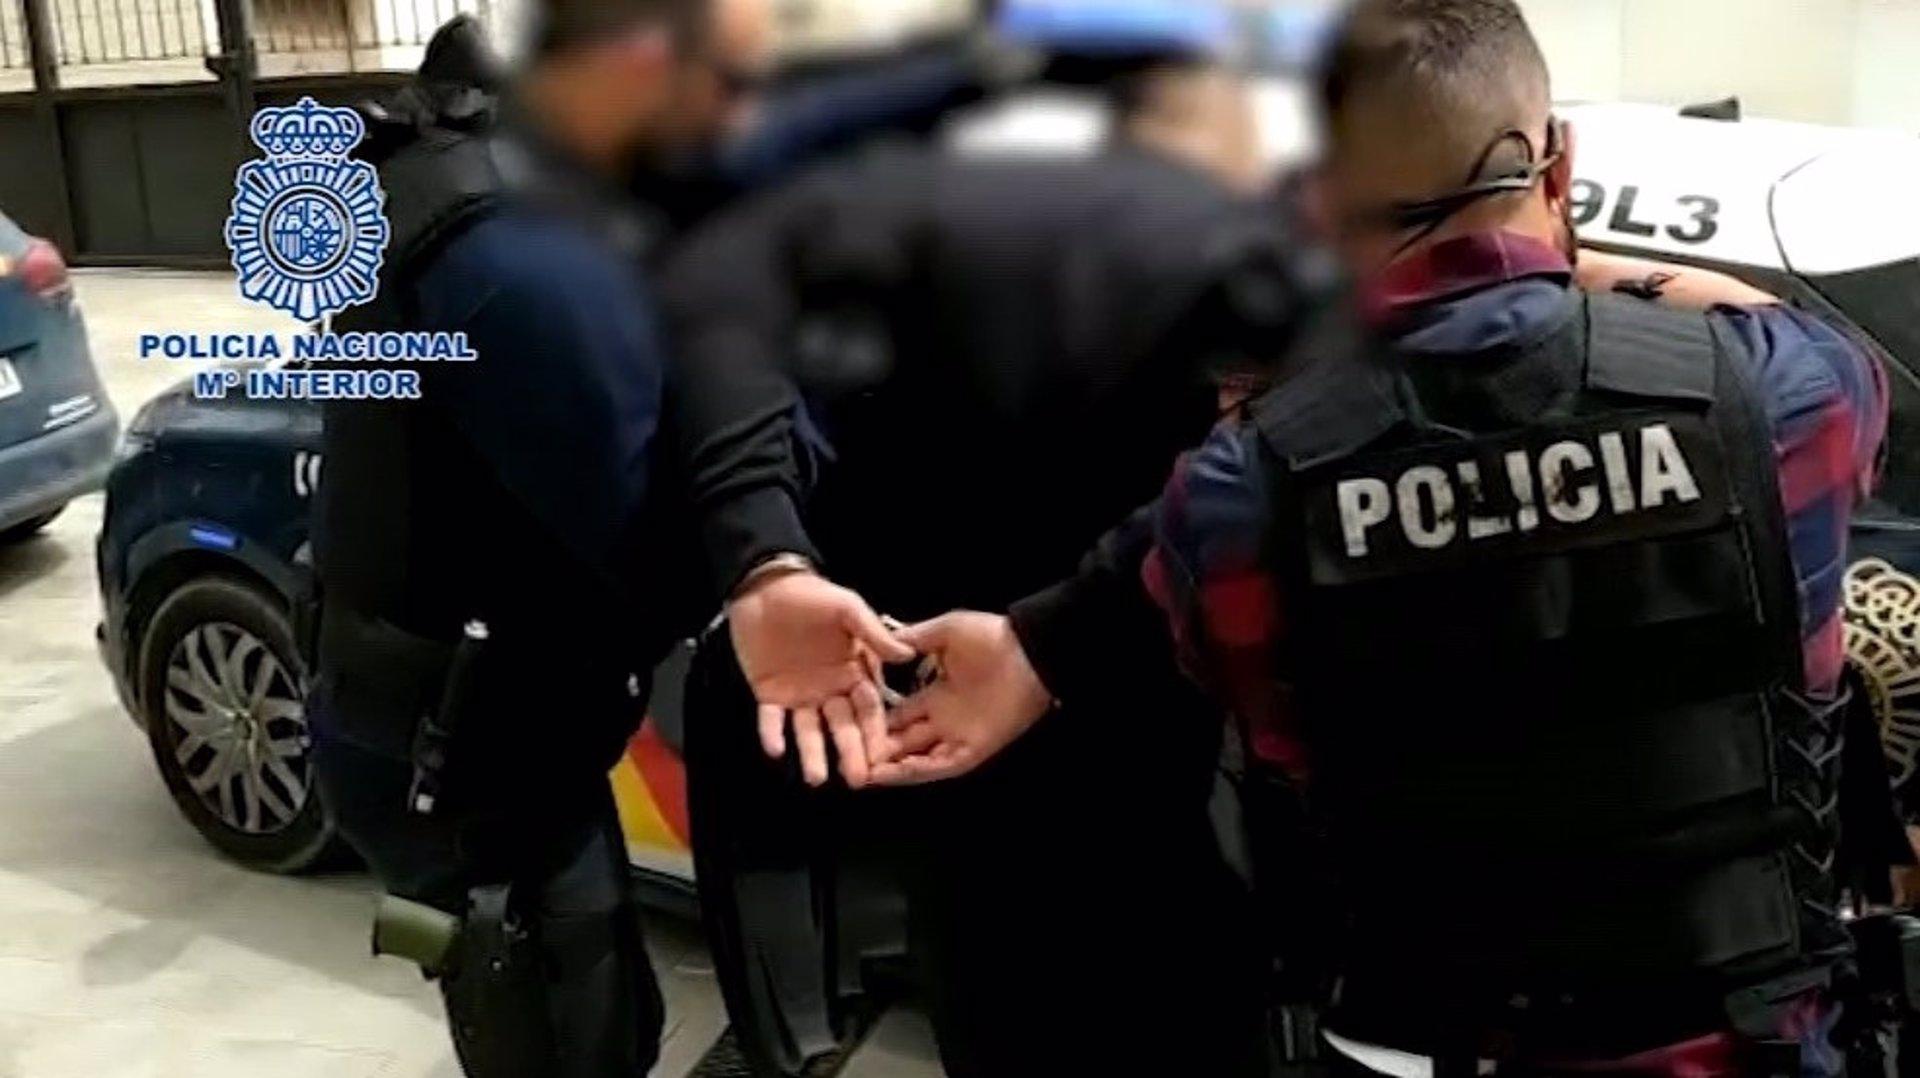 Detenido por la muerte de un dj en una fiesta ilegal de Marbella